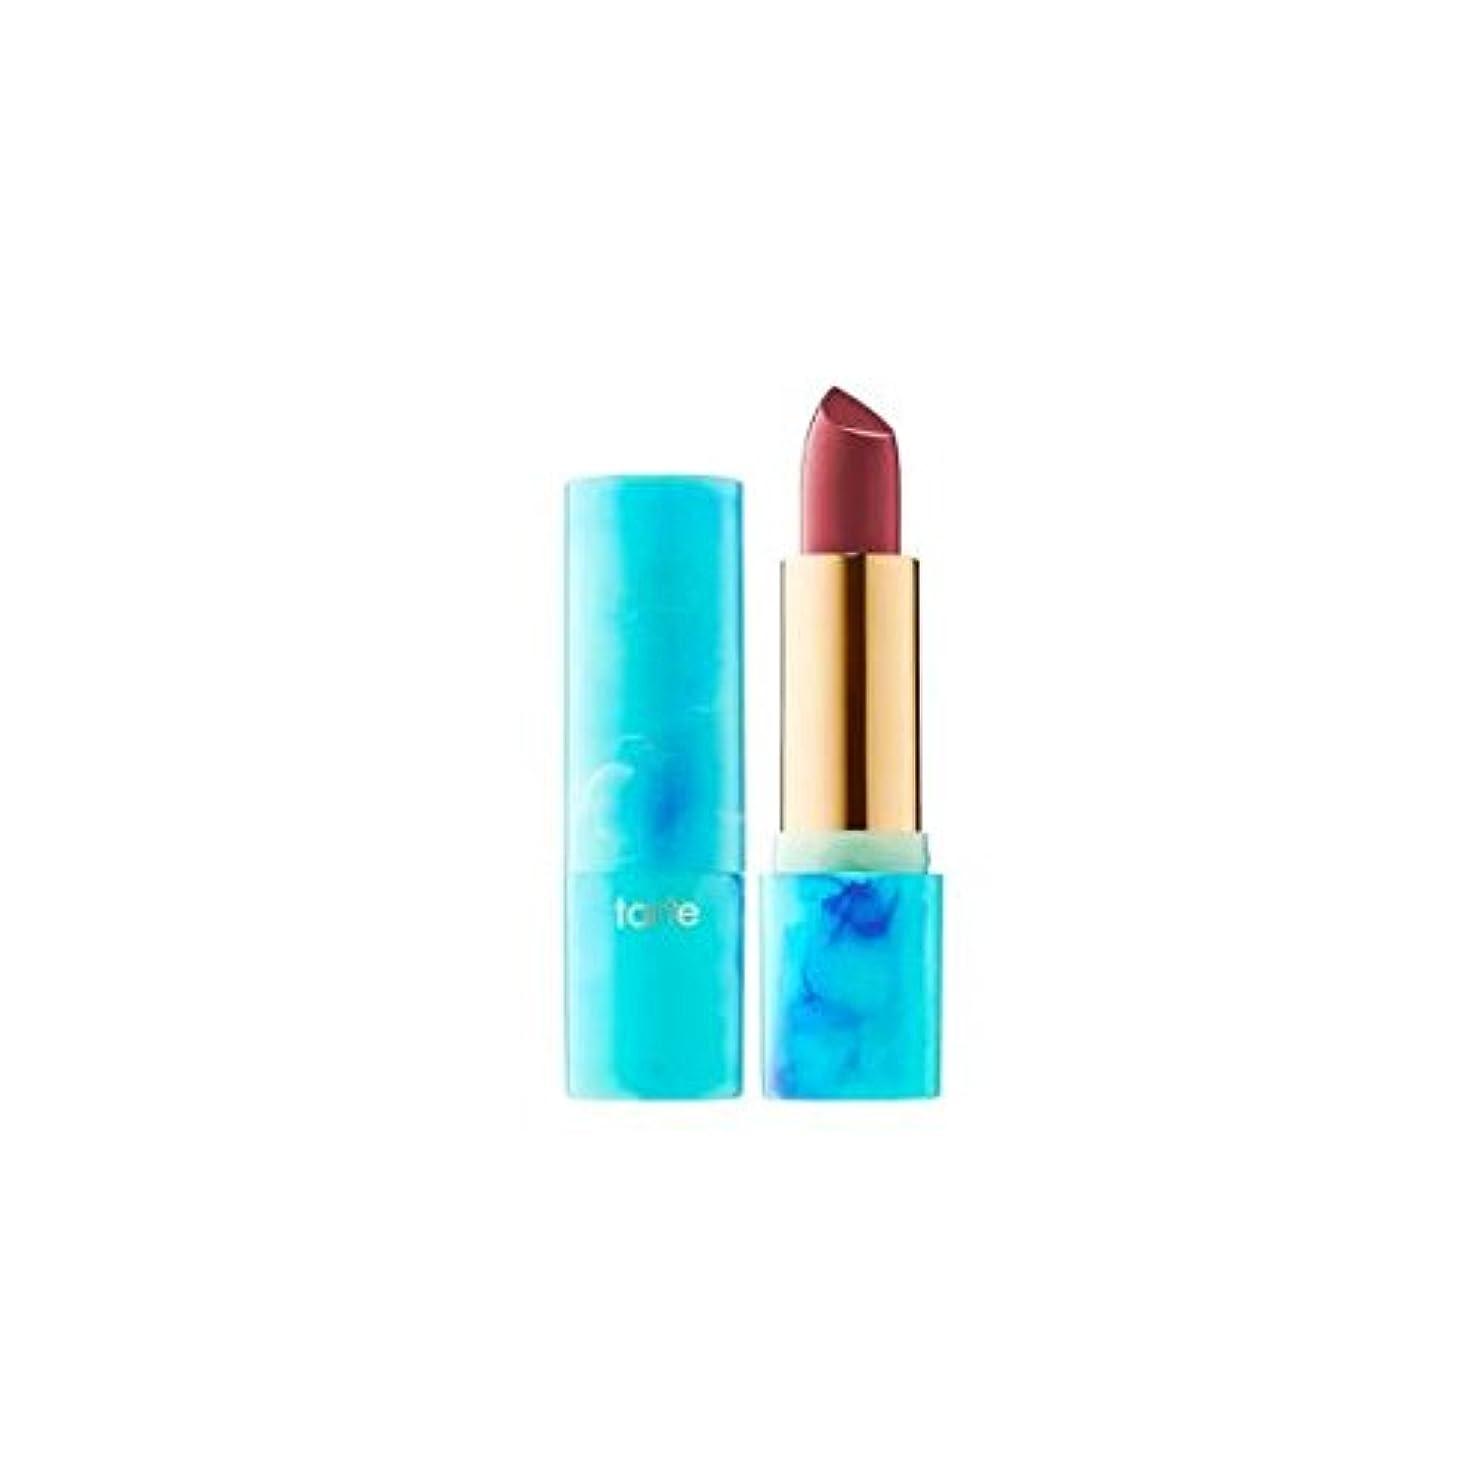 せっかちミケランジェロリークtarteタルト リップ Color Splash Lipstick - Rainforest of the Sea Collection Satin finish